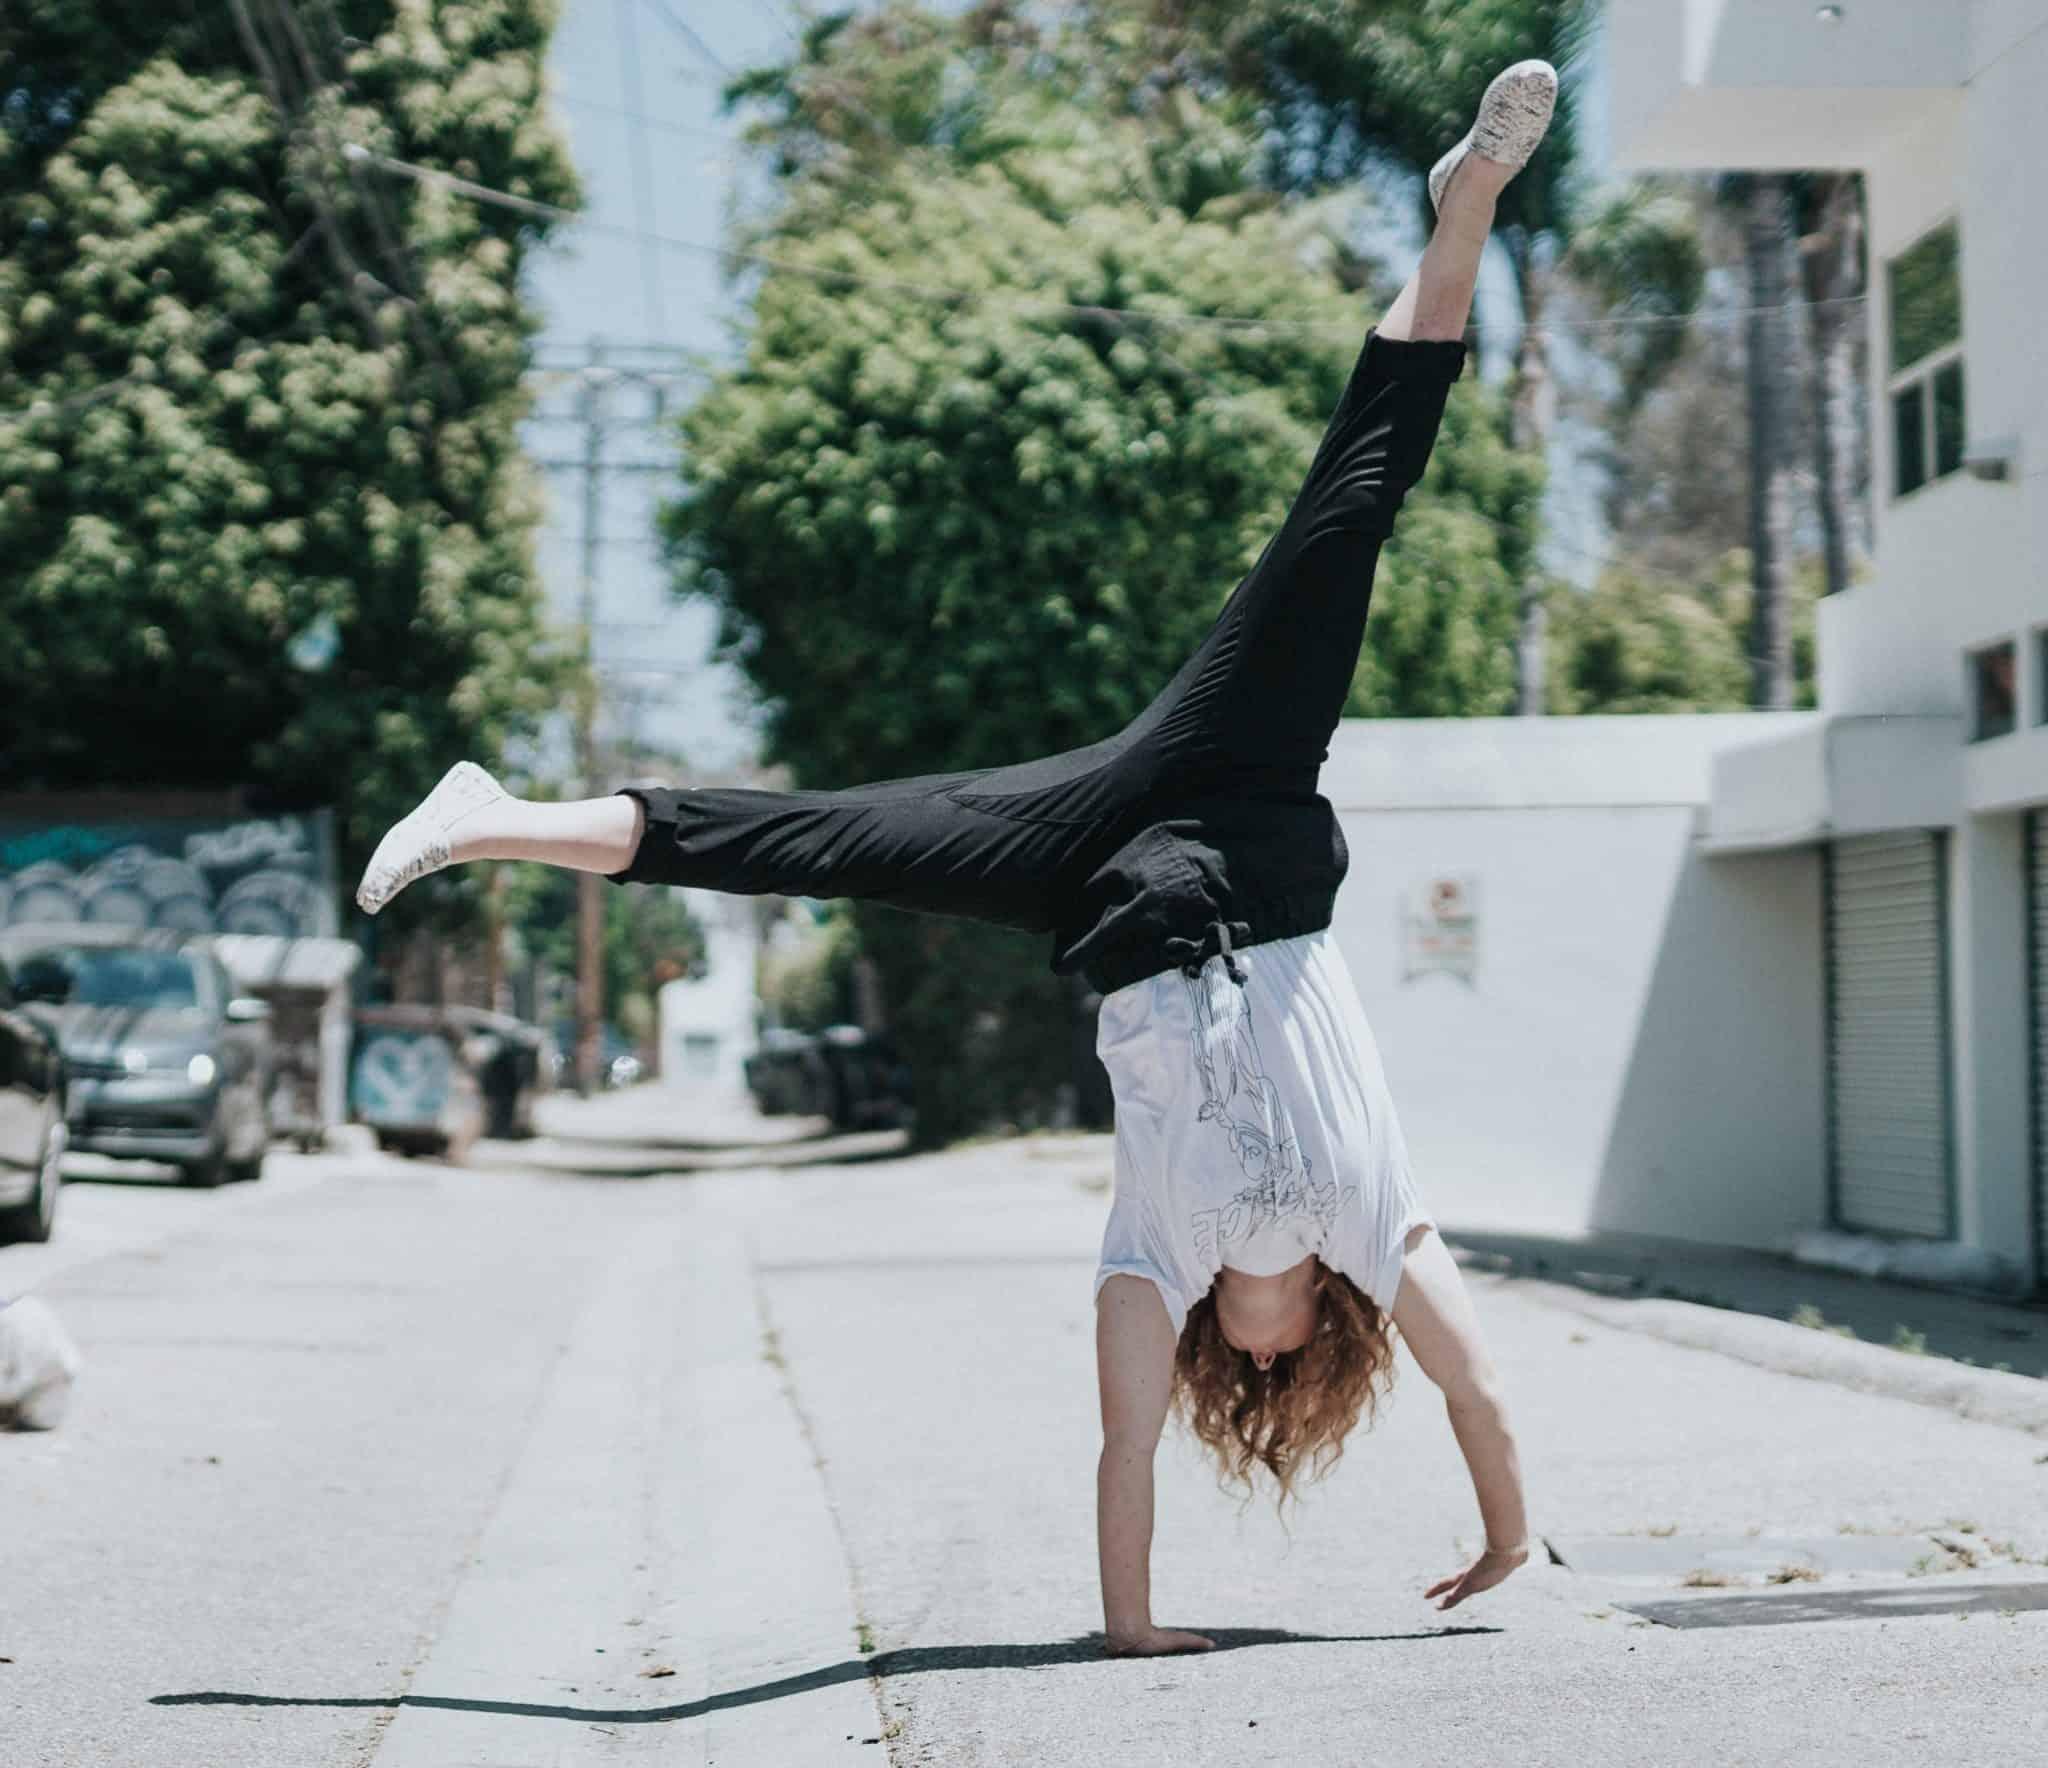 Capoeira cartwheels, au, capoeira au